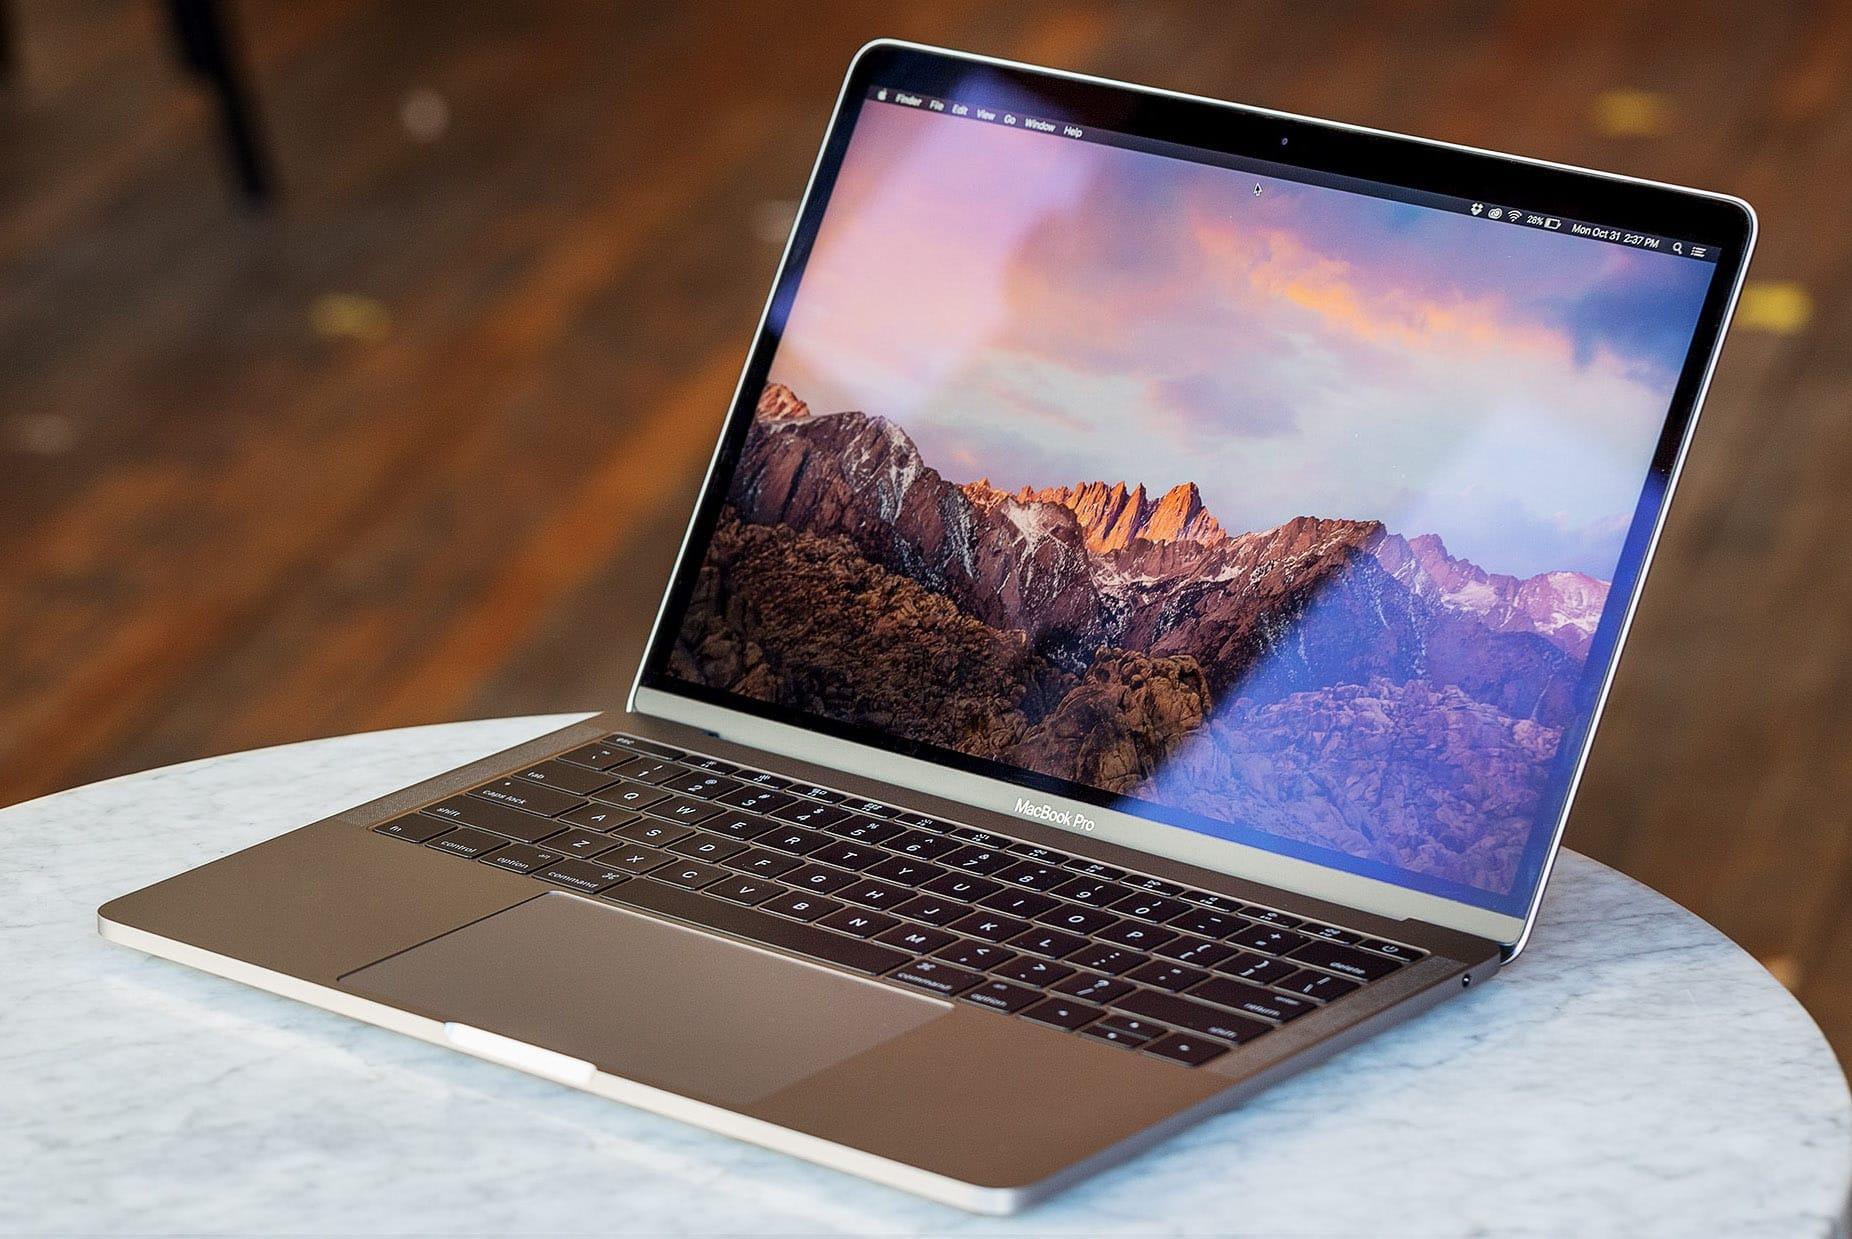 MacBook Pro 2016 5